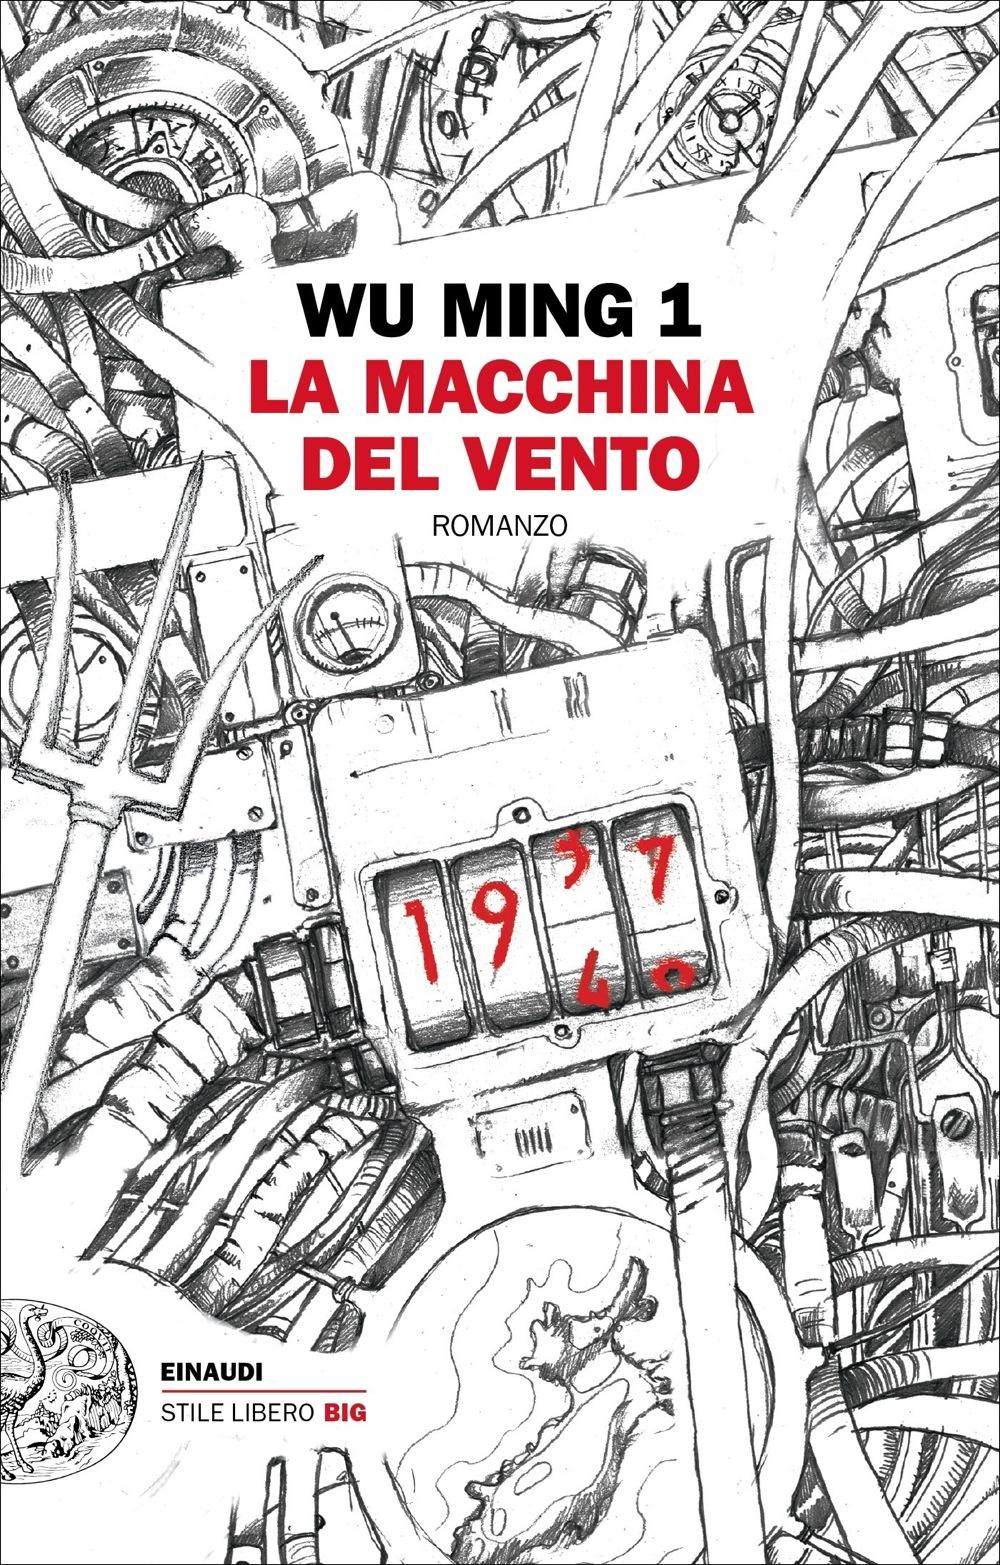 Wu Ming1, Macchina cover